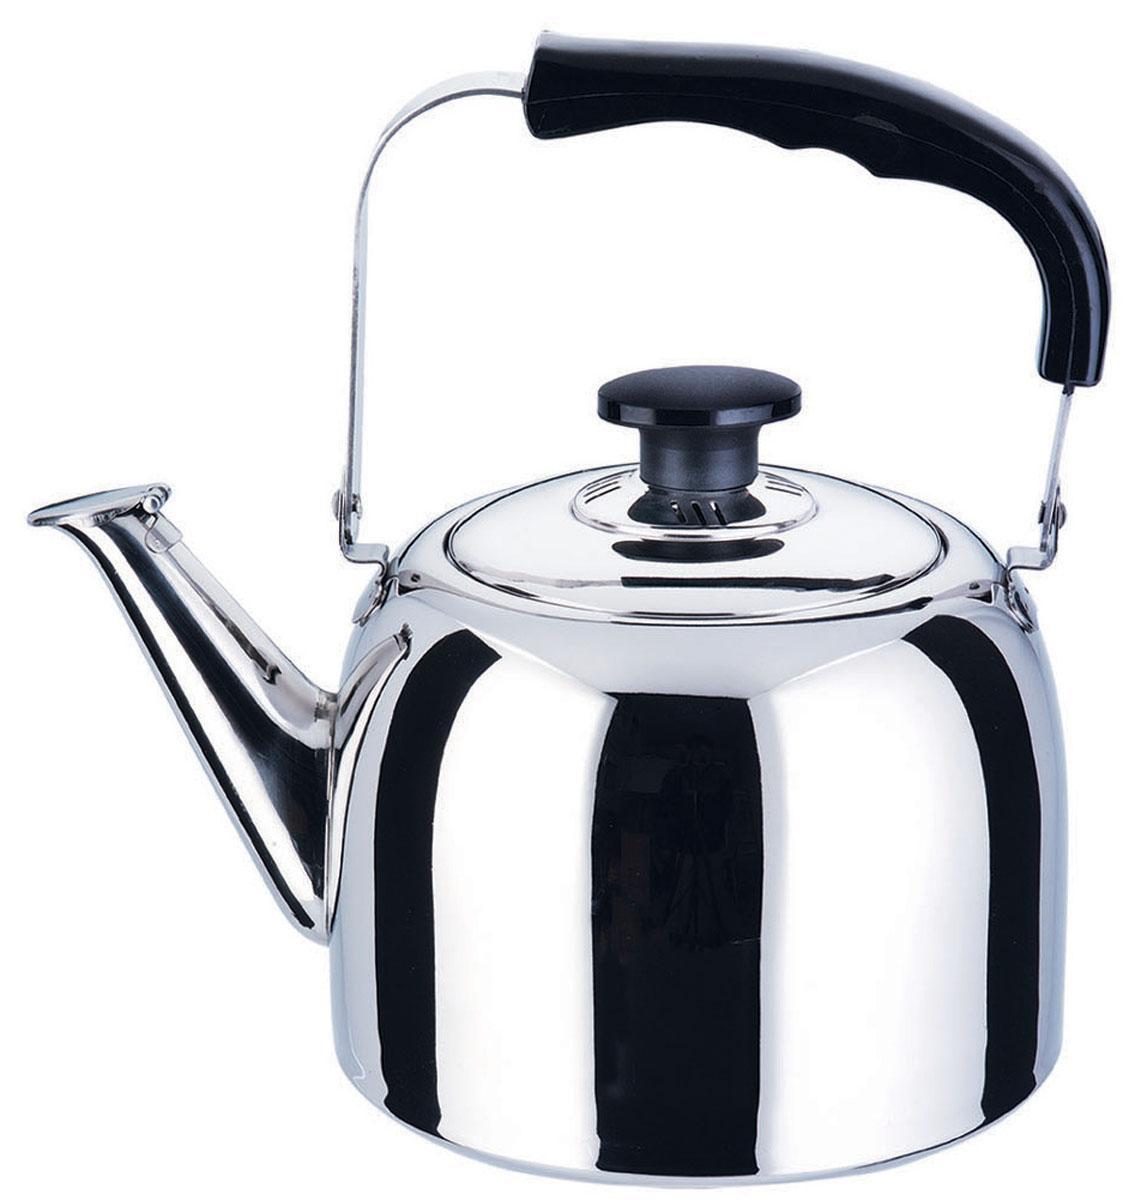 Чайник Bekker Koch со свистком, 3 л. BK-S482BK-S482Чайник Bekker Koch изготовлен из высококачественной нержавеющей стали с зеркальной полировкой. Цельнометаллическое дно распределяет тепло по всей поверхности, что позволяет чайнику быстро закипать. Эргономичная подвижная ручка выполнена из нержавеющей стали и бакелита черного цвета. Носик оснащен откидным свистком, который подскажет, когда вода закипела. Широкое отверстие по верхнему краю позволяет удобно наливать воду. Подходит для всех типов плит, включая индукционные. Можно мыть в посудомоечной машине.